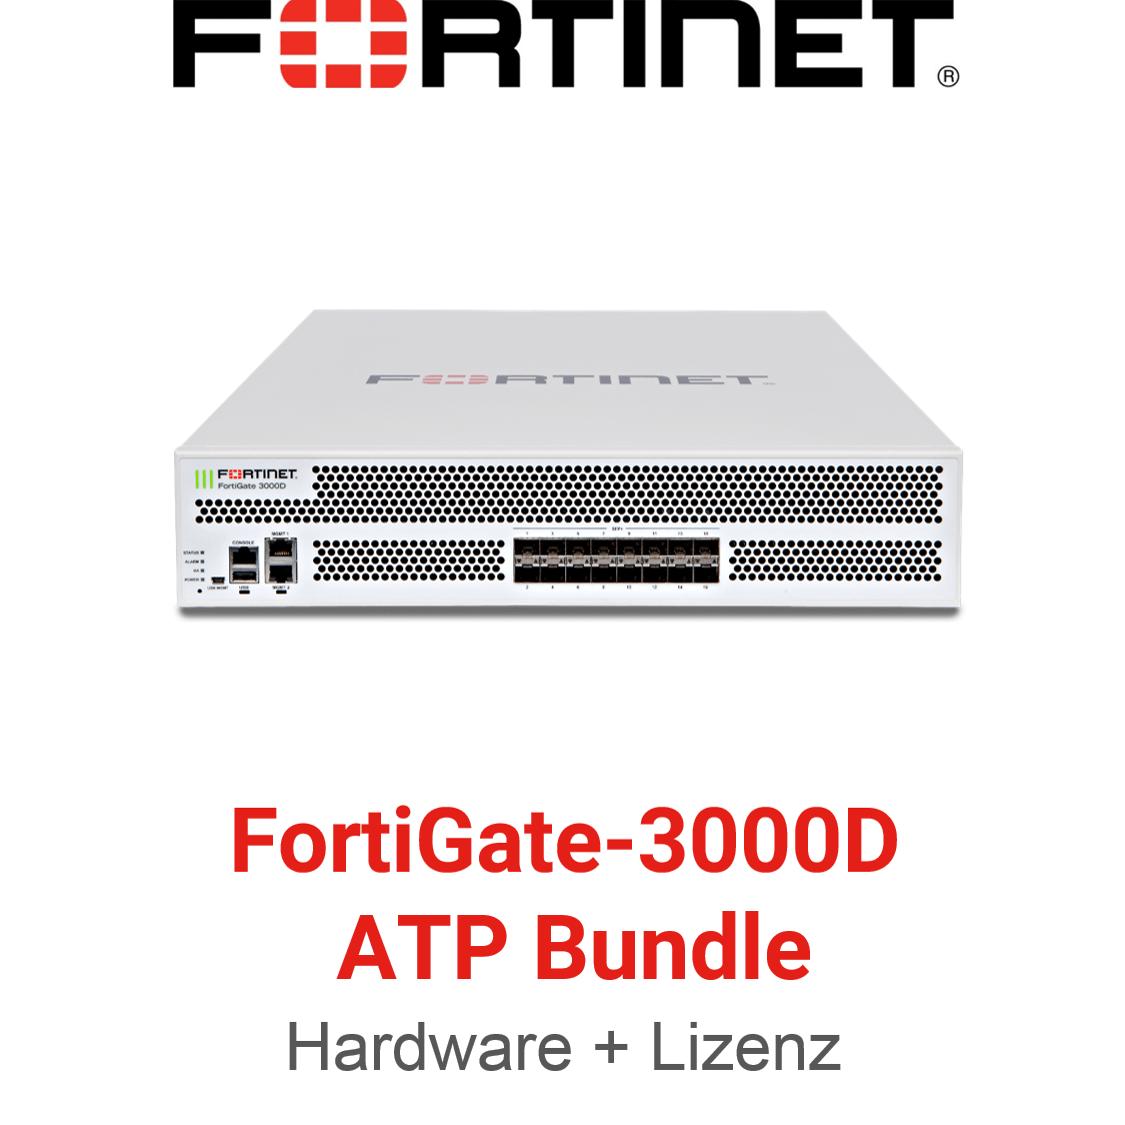 Fortinet FortiGate-3000D - ATP Bundle (Hardware + Lizenz)